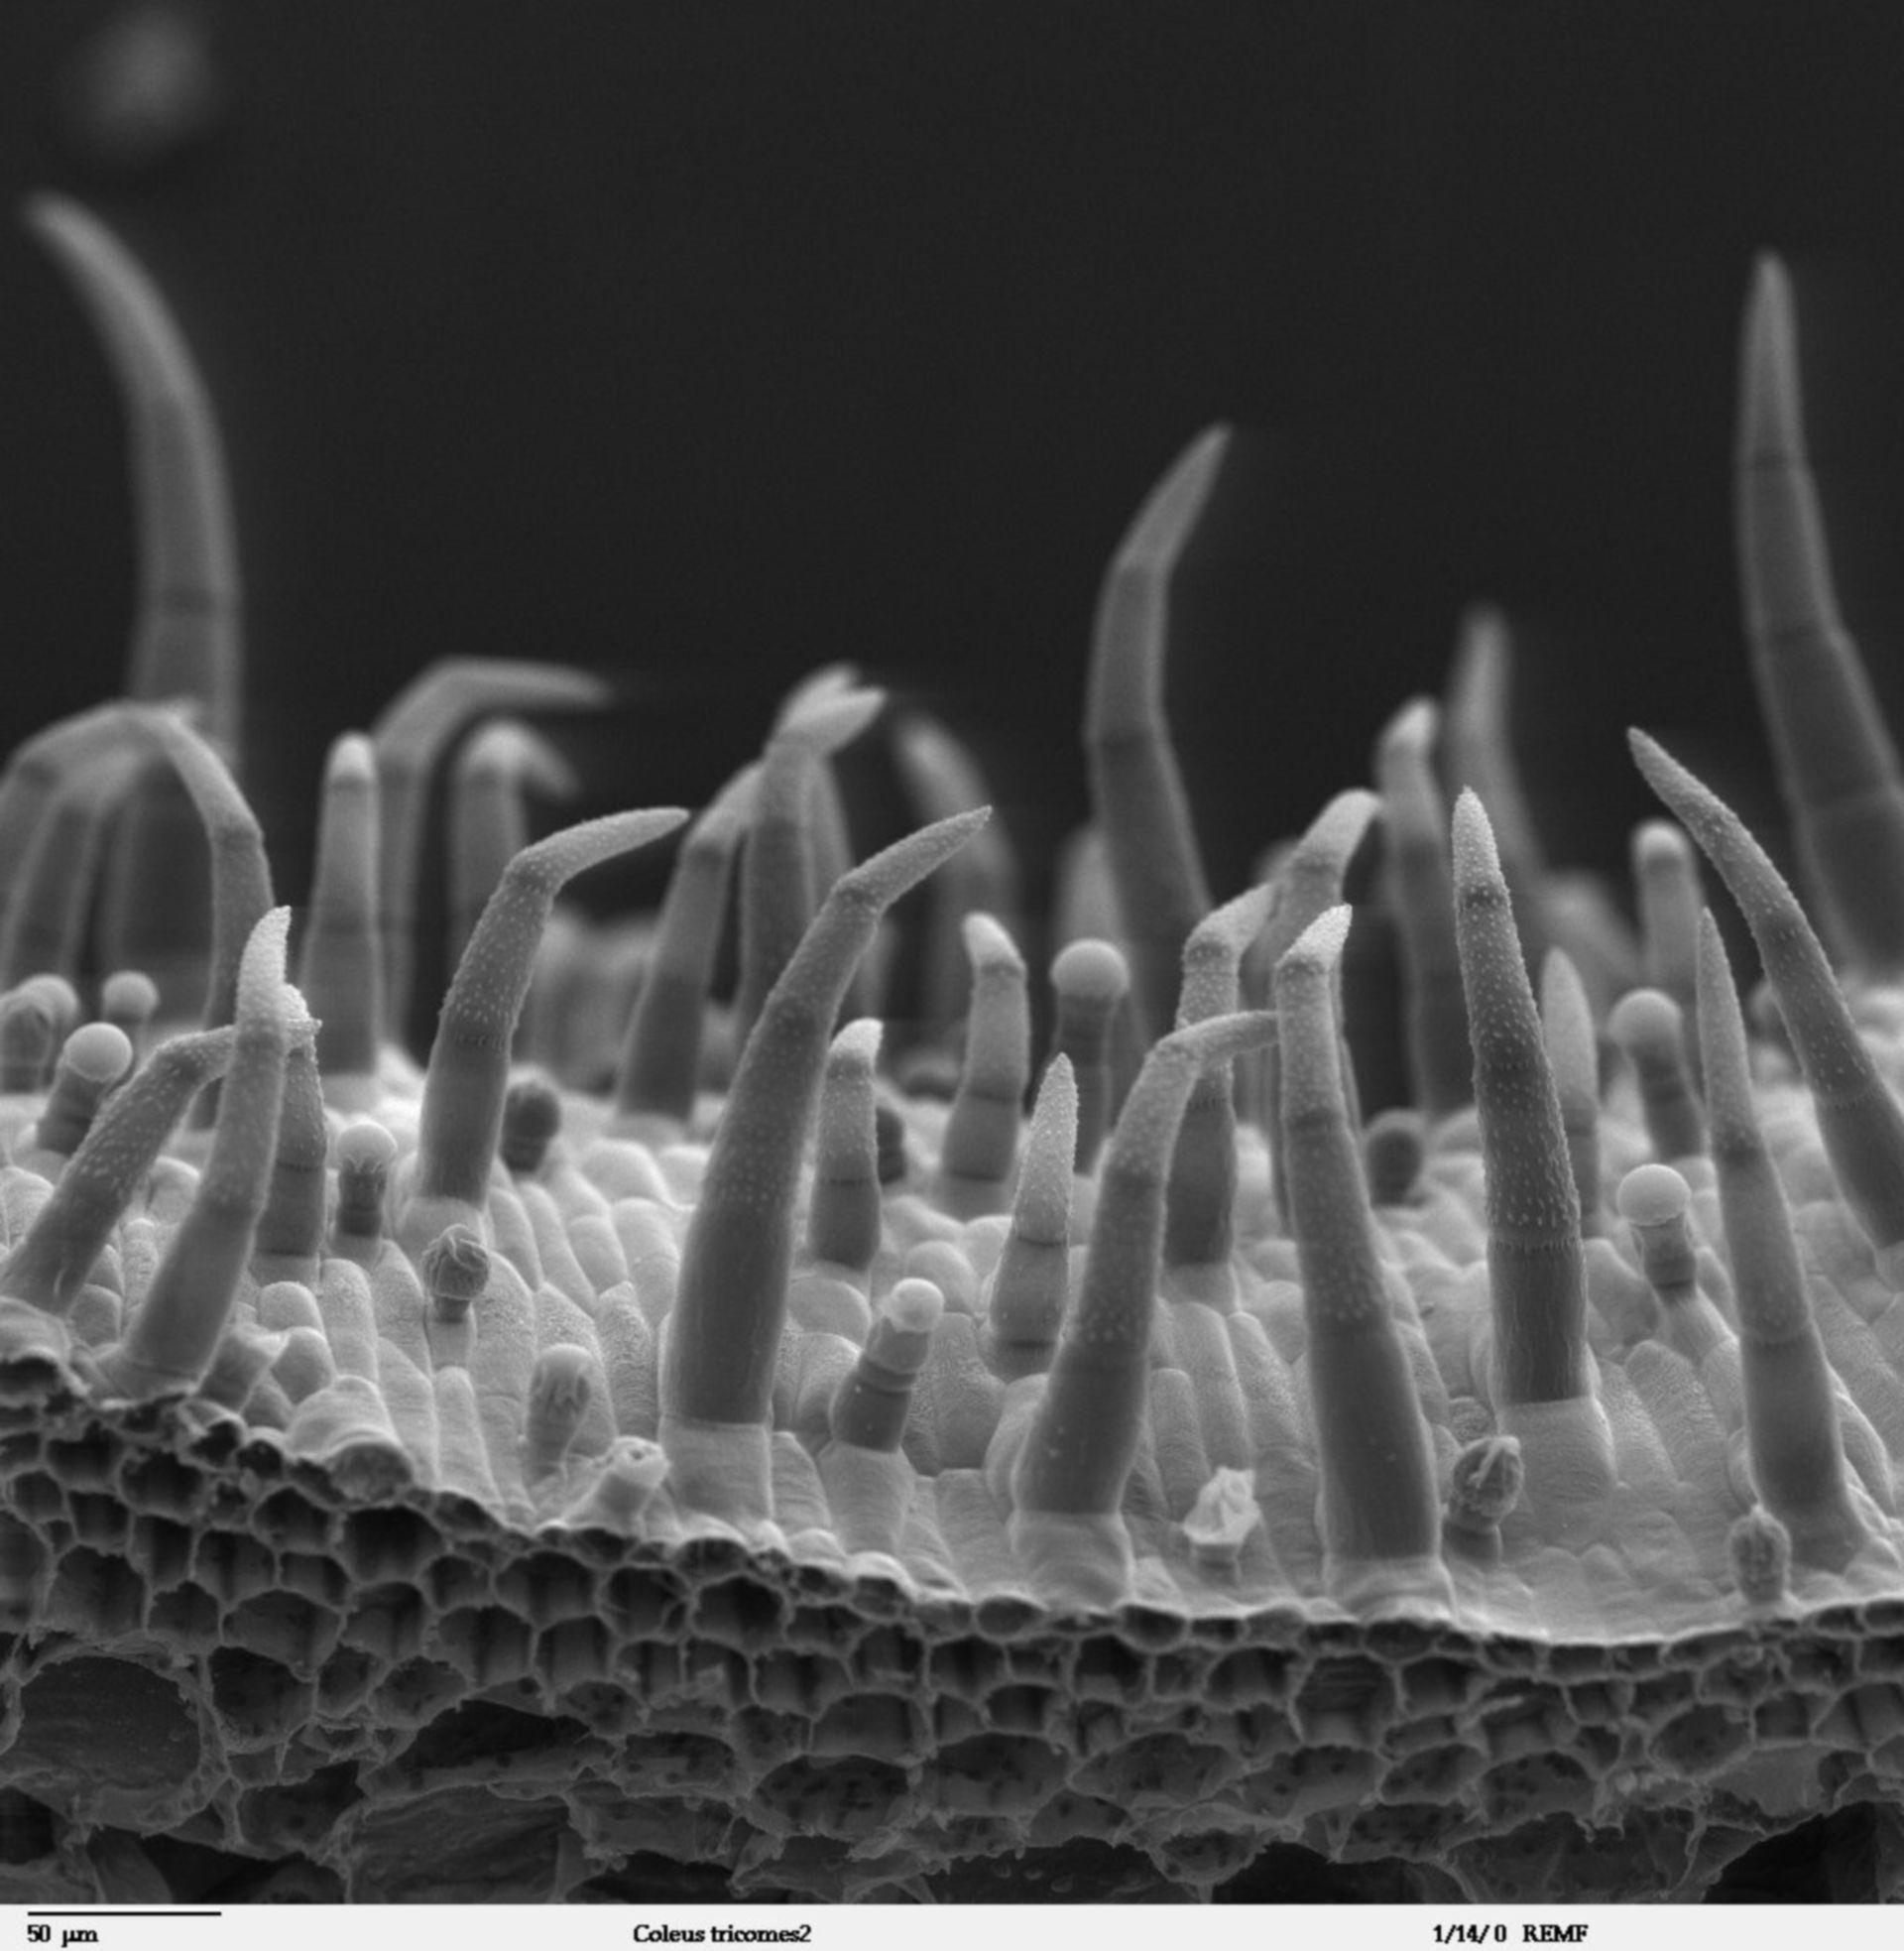 Solenostemon scutellarioides (Trichome) - CIL:40382